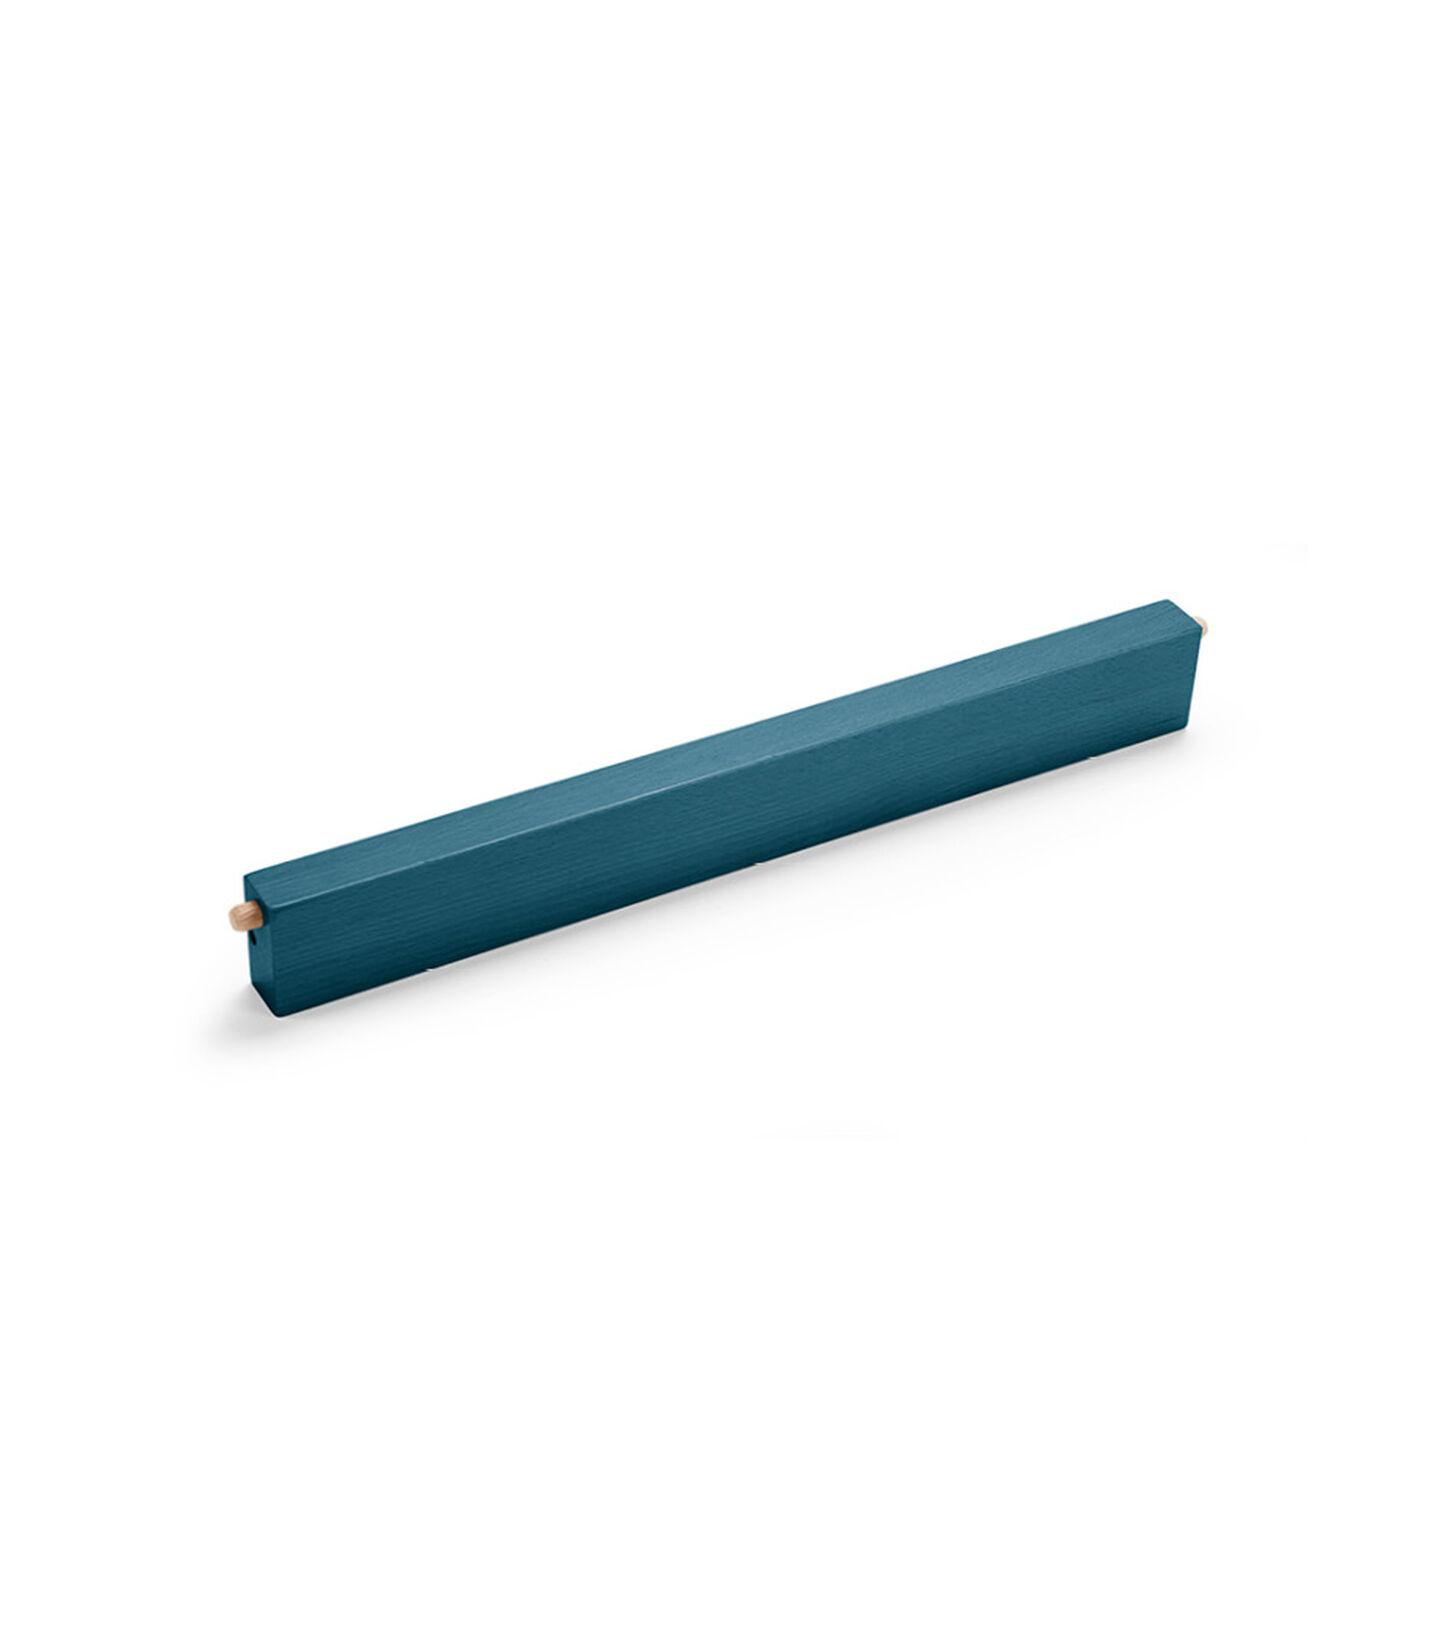 108627 Tripp Trapp Floorbrace Midnight Blue (Spare part). view 1